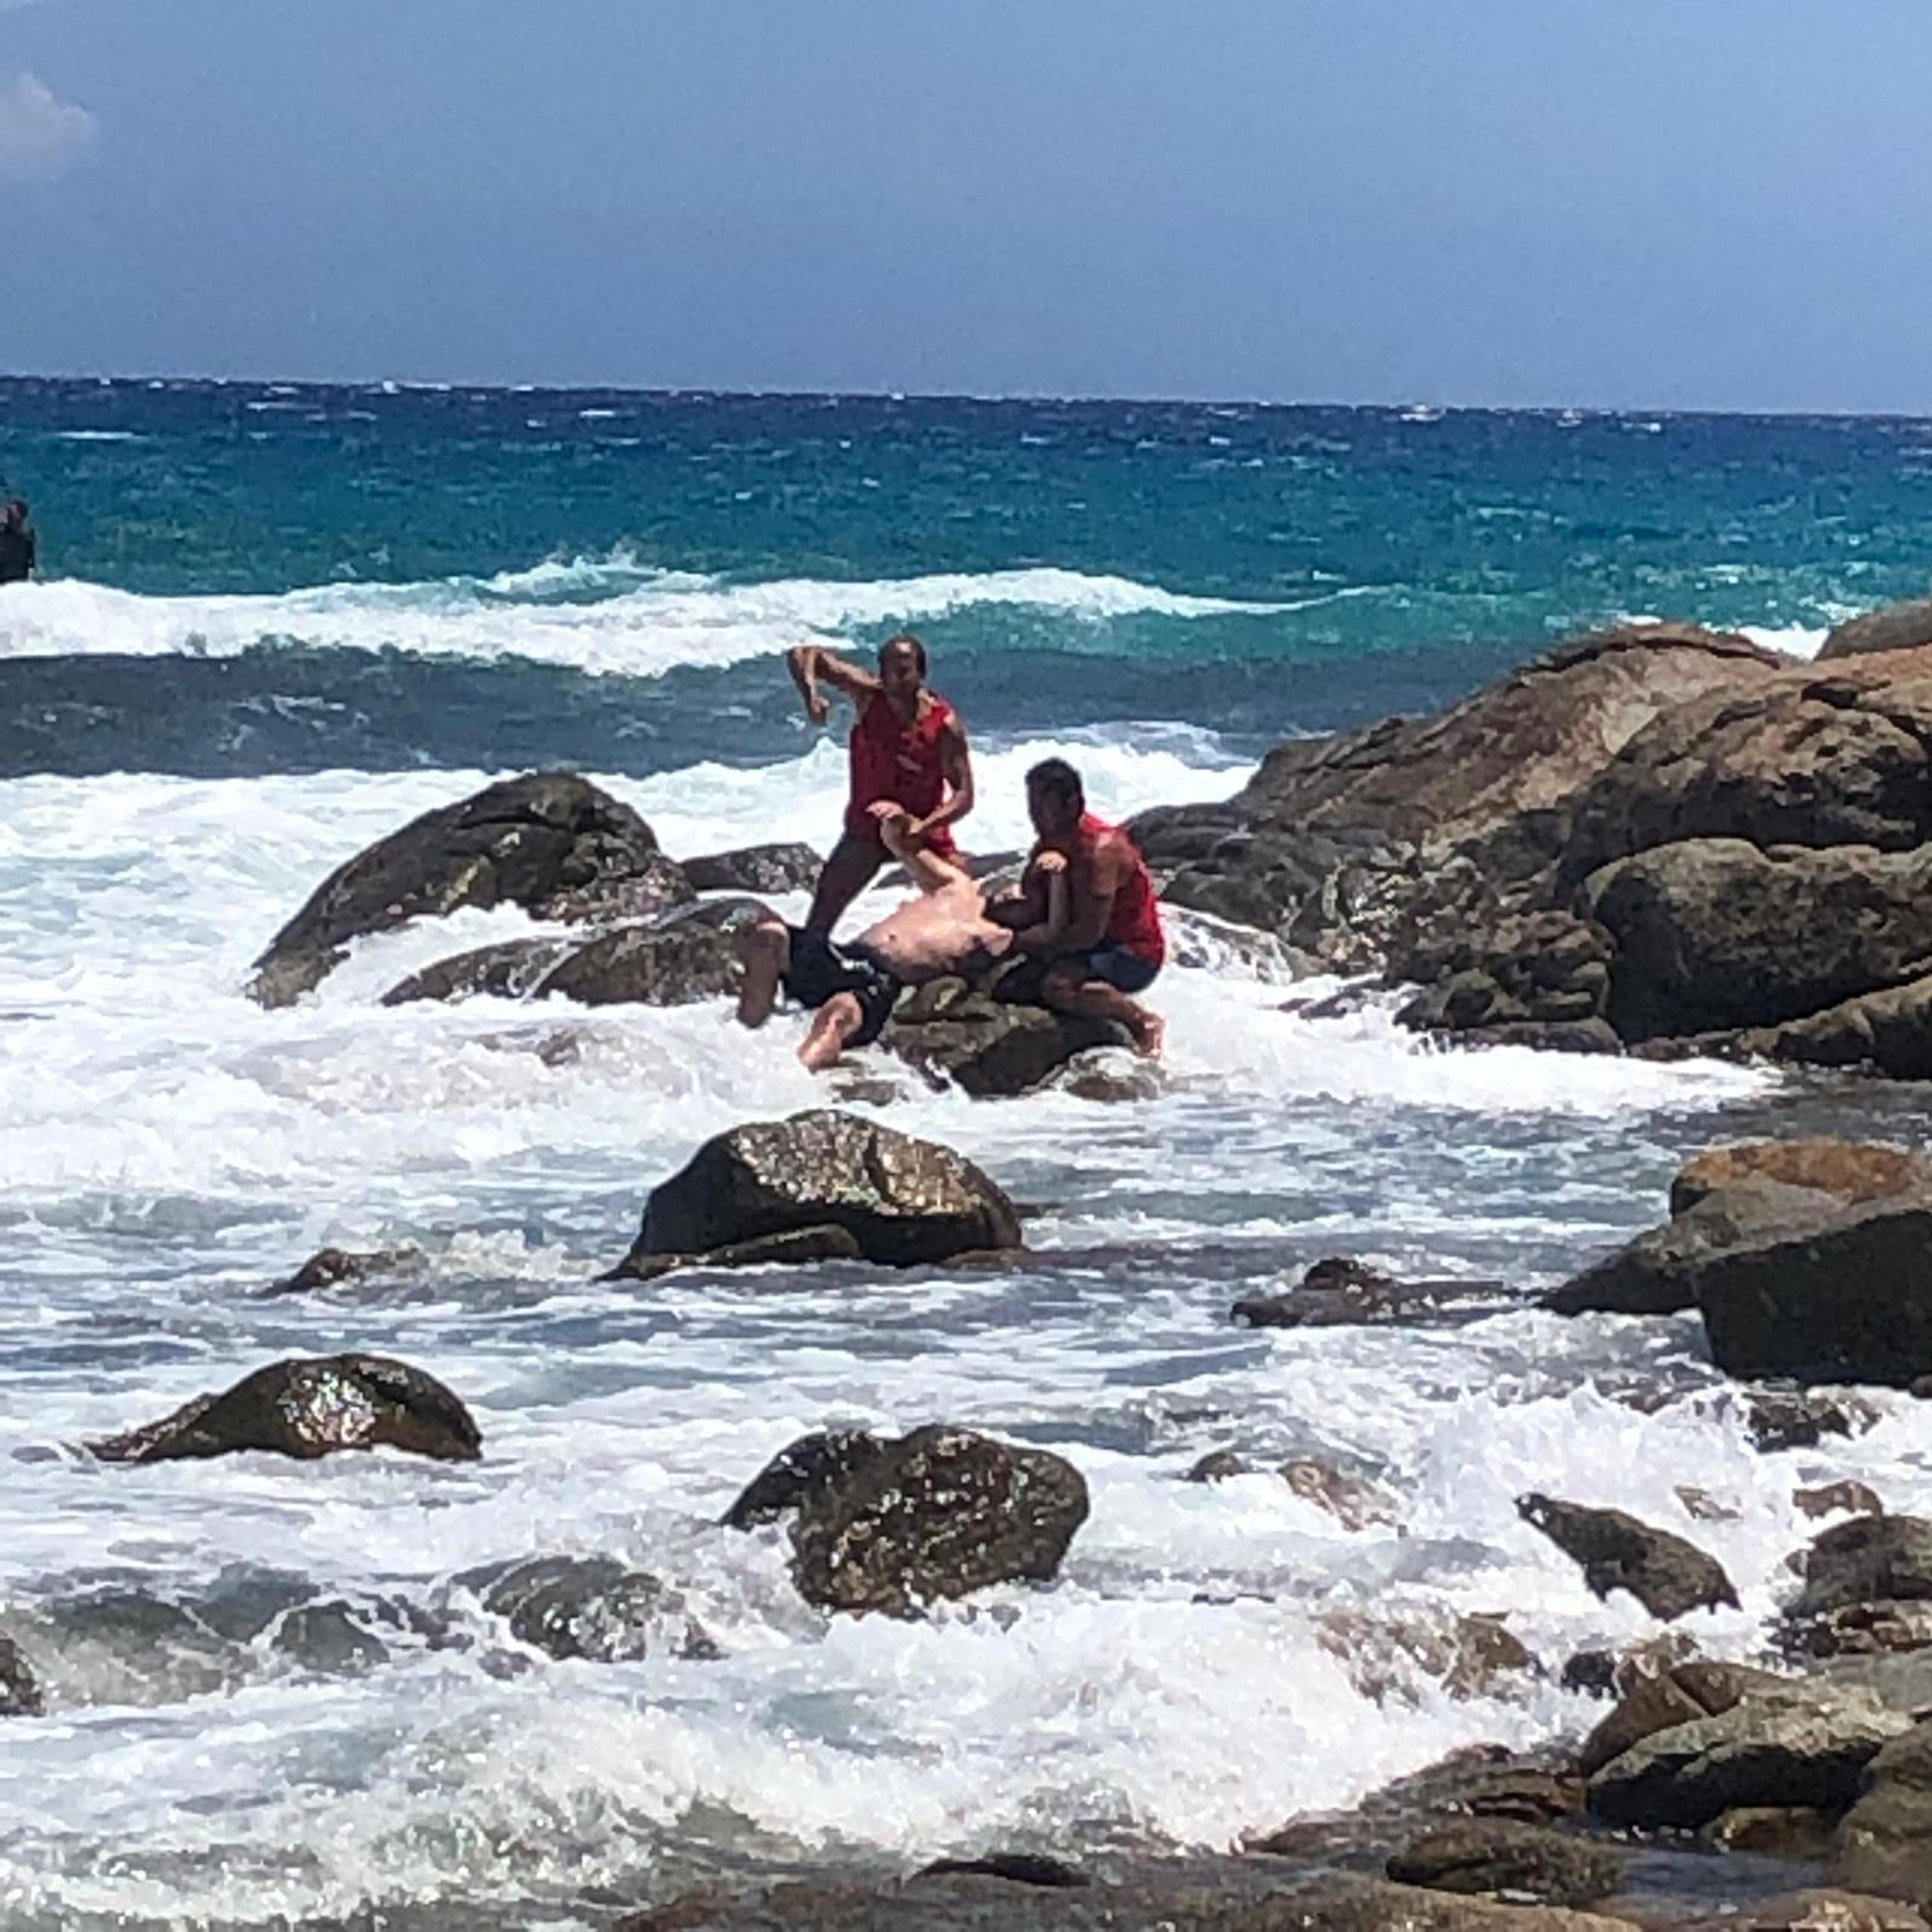 Cinque bagnanti in difficoltà salvati nel sud Sardegna: la foto che emoziona